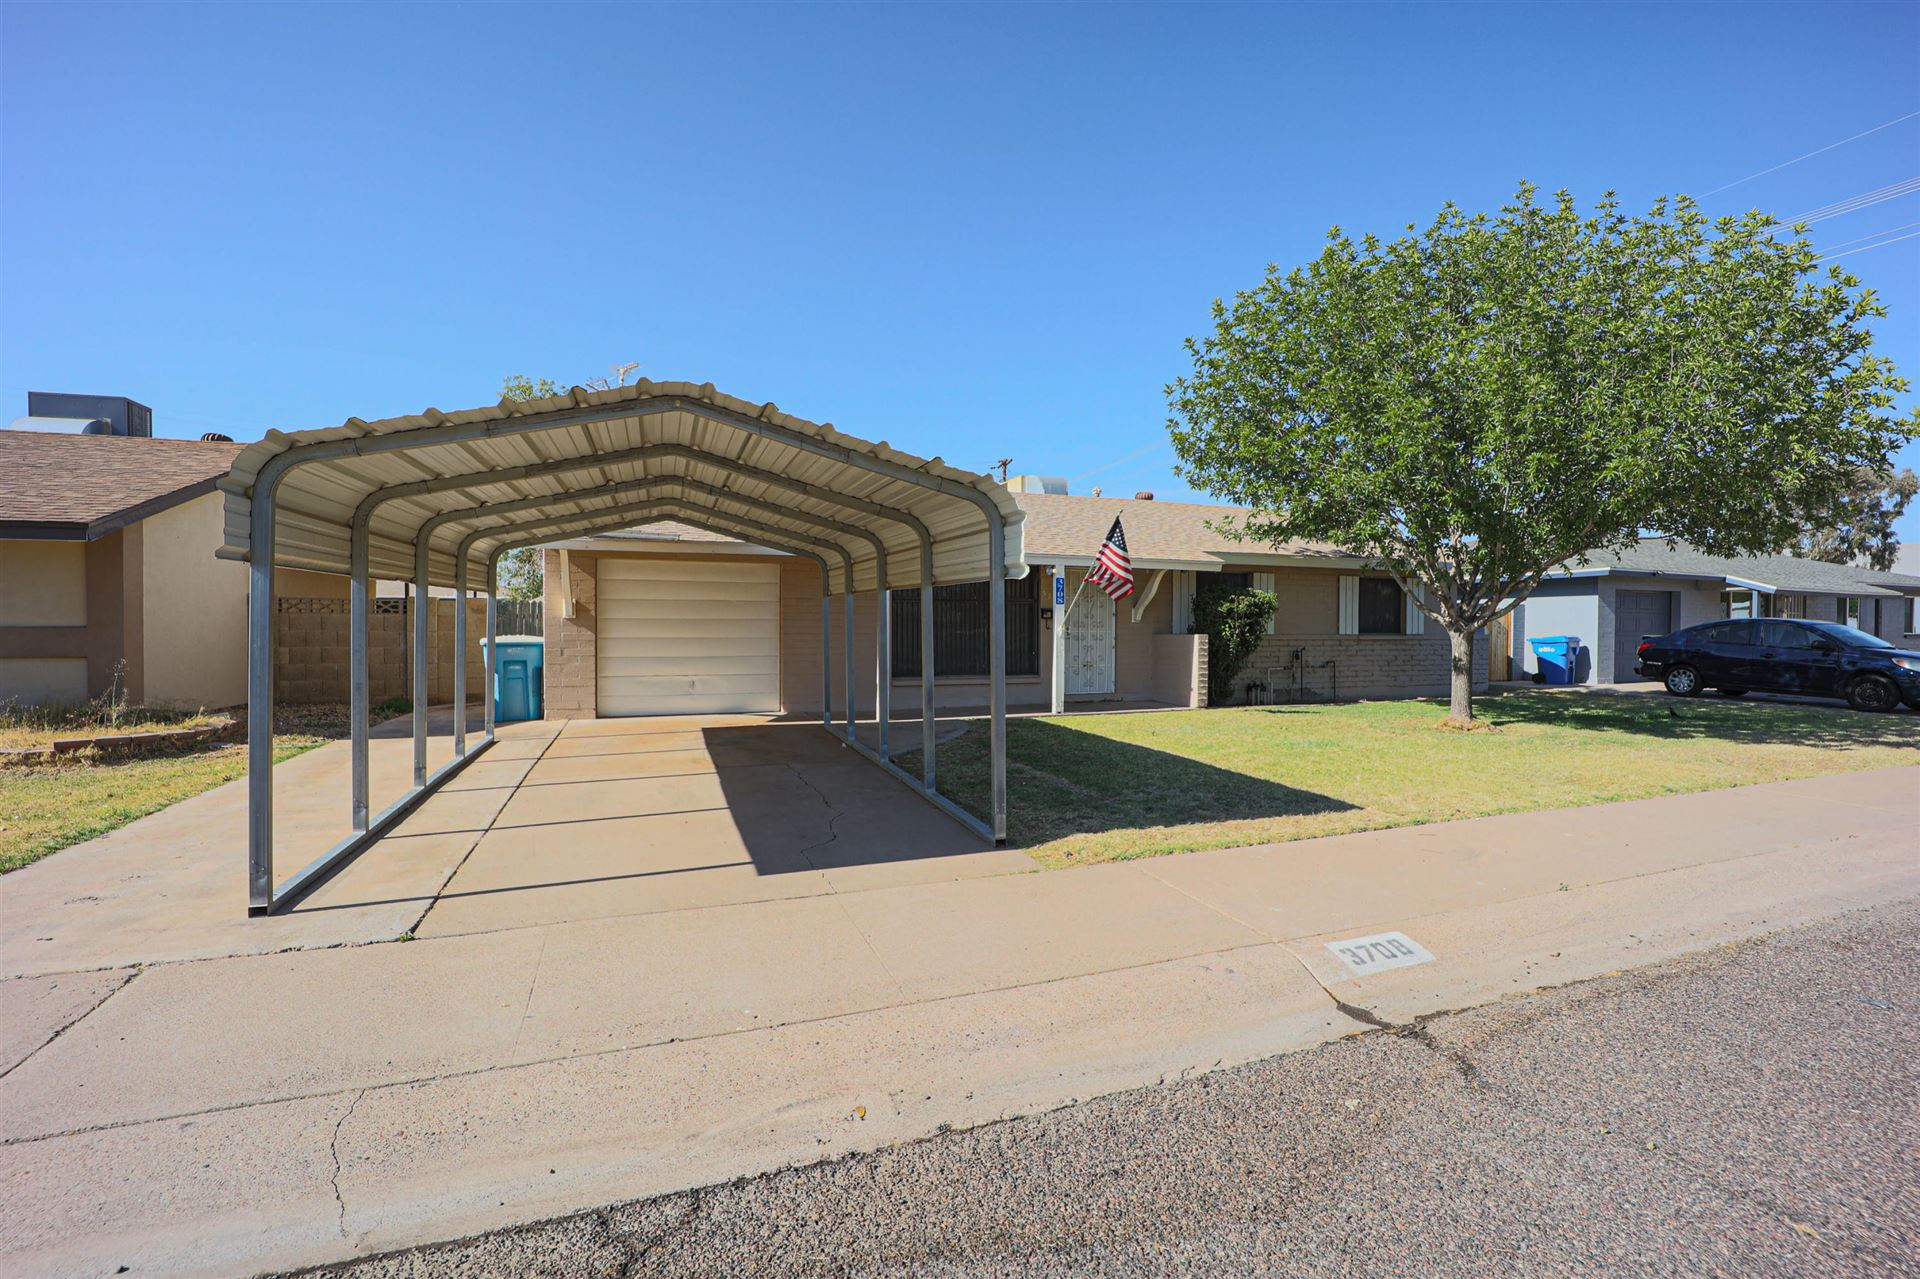 Photo of 3708 W CACTUS WREN Drive, Phoenix, AZ 85051 (MLS # 6232176)